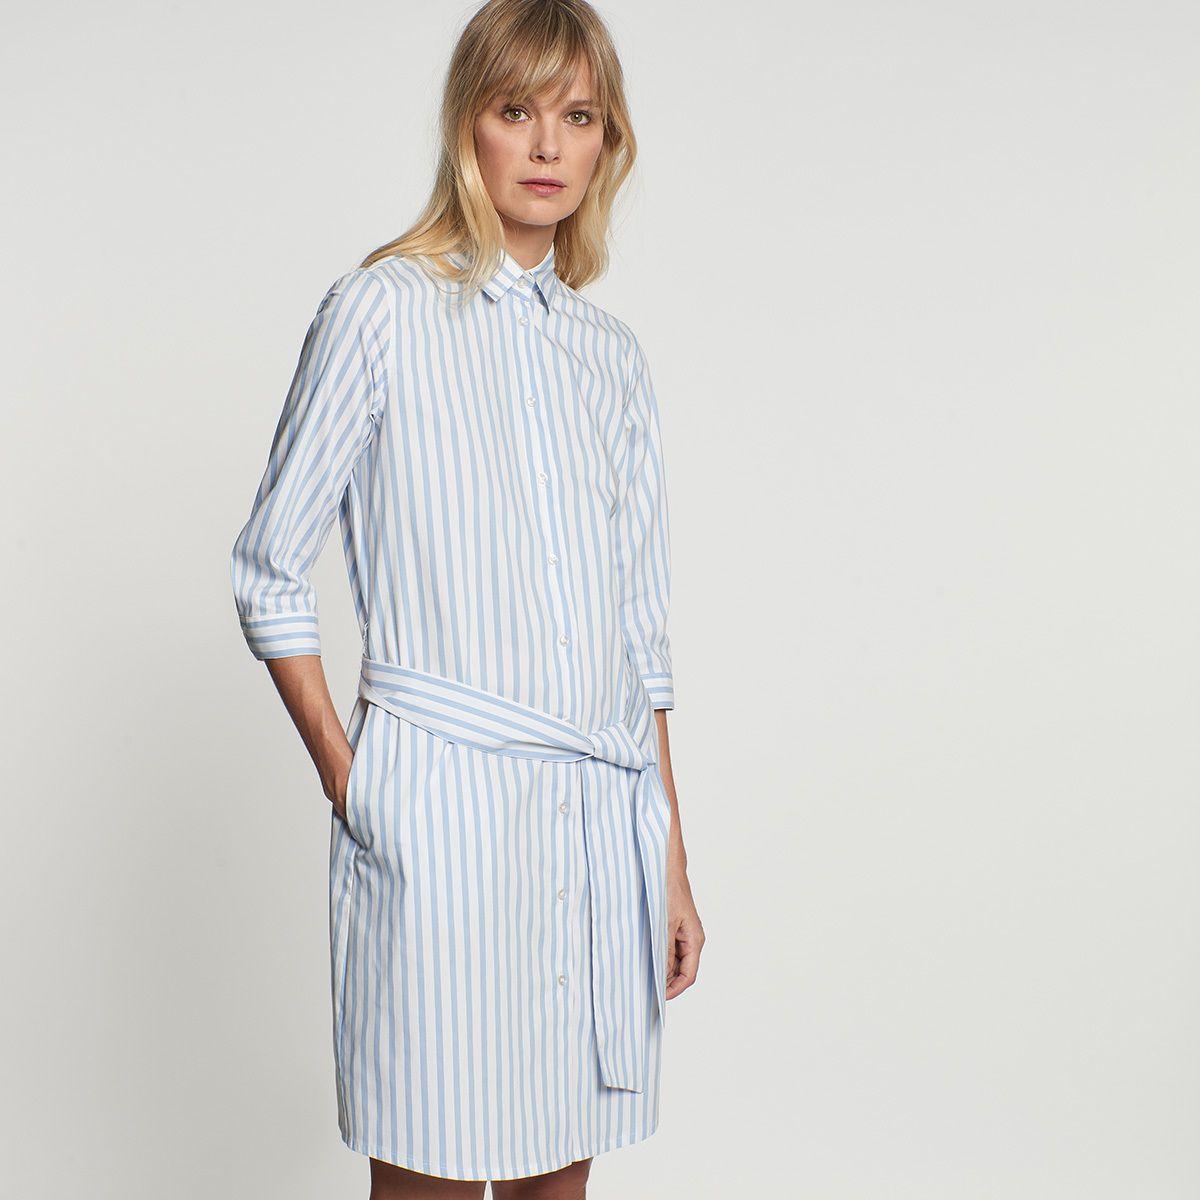 popeline midi kleid aus baumwollmischung | oberhemden